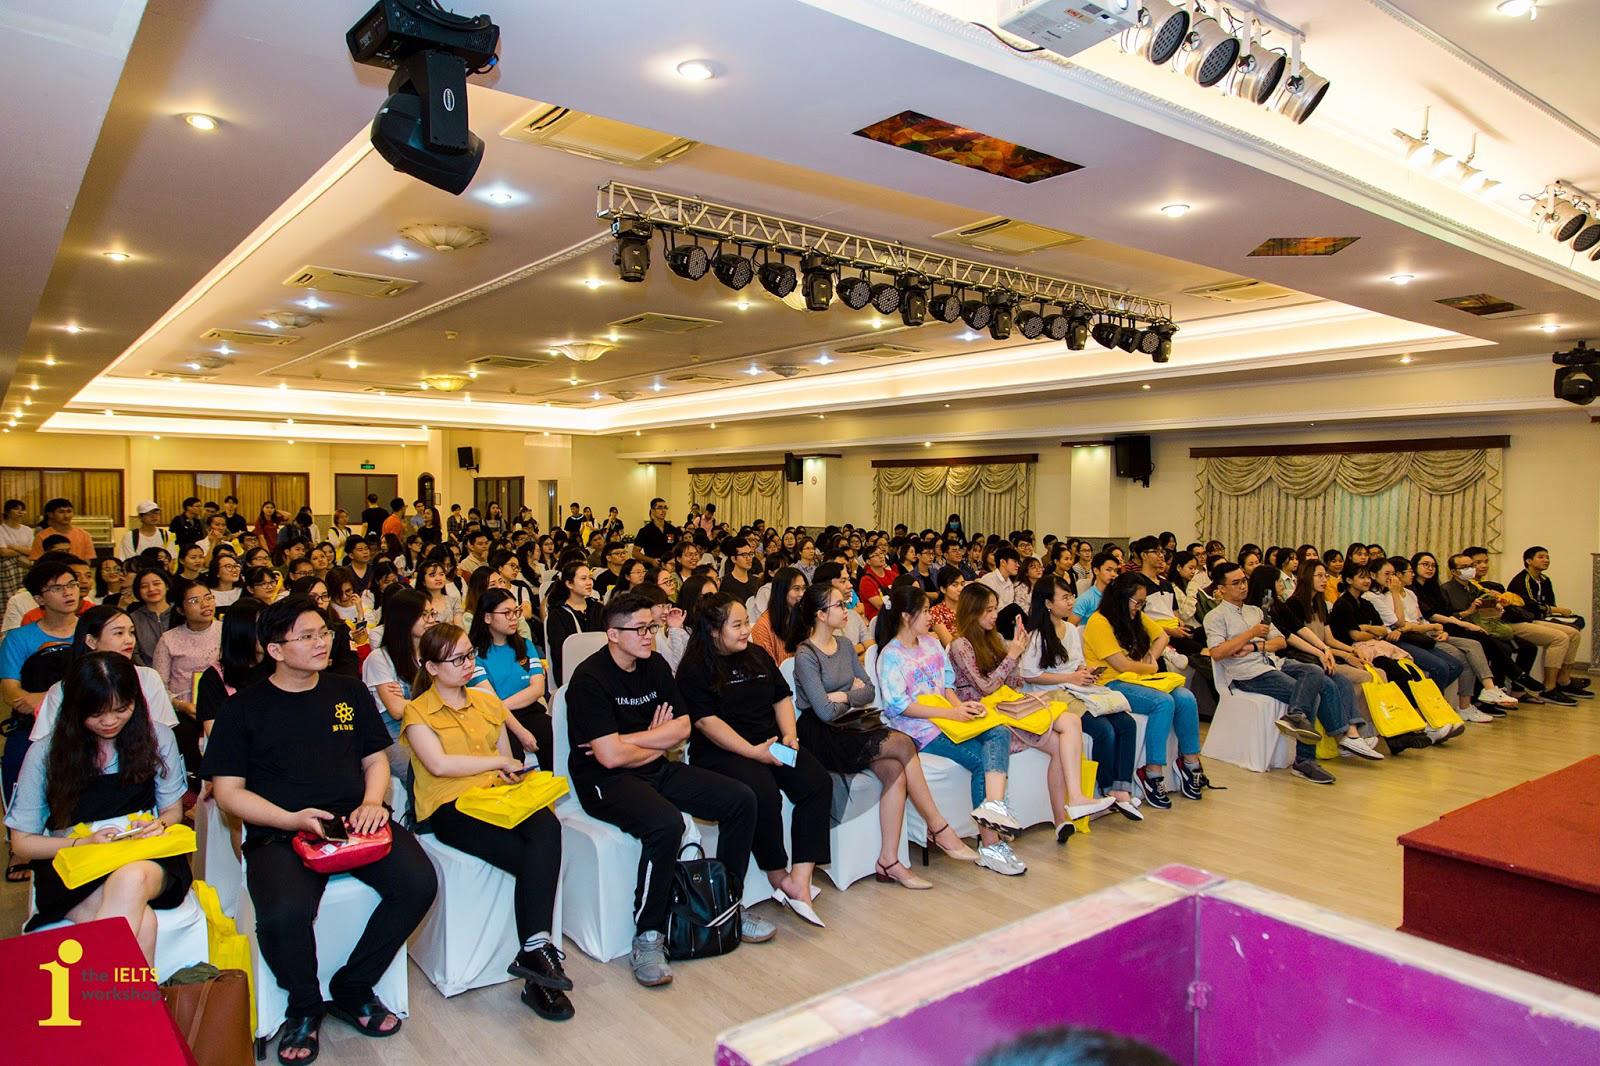 Sự kiện đình đám The IELTS EXPO của The IELTS Workshop tái xuất tại Hà Nội - Ảnh 3.